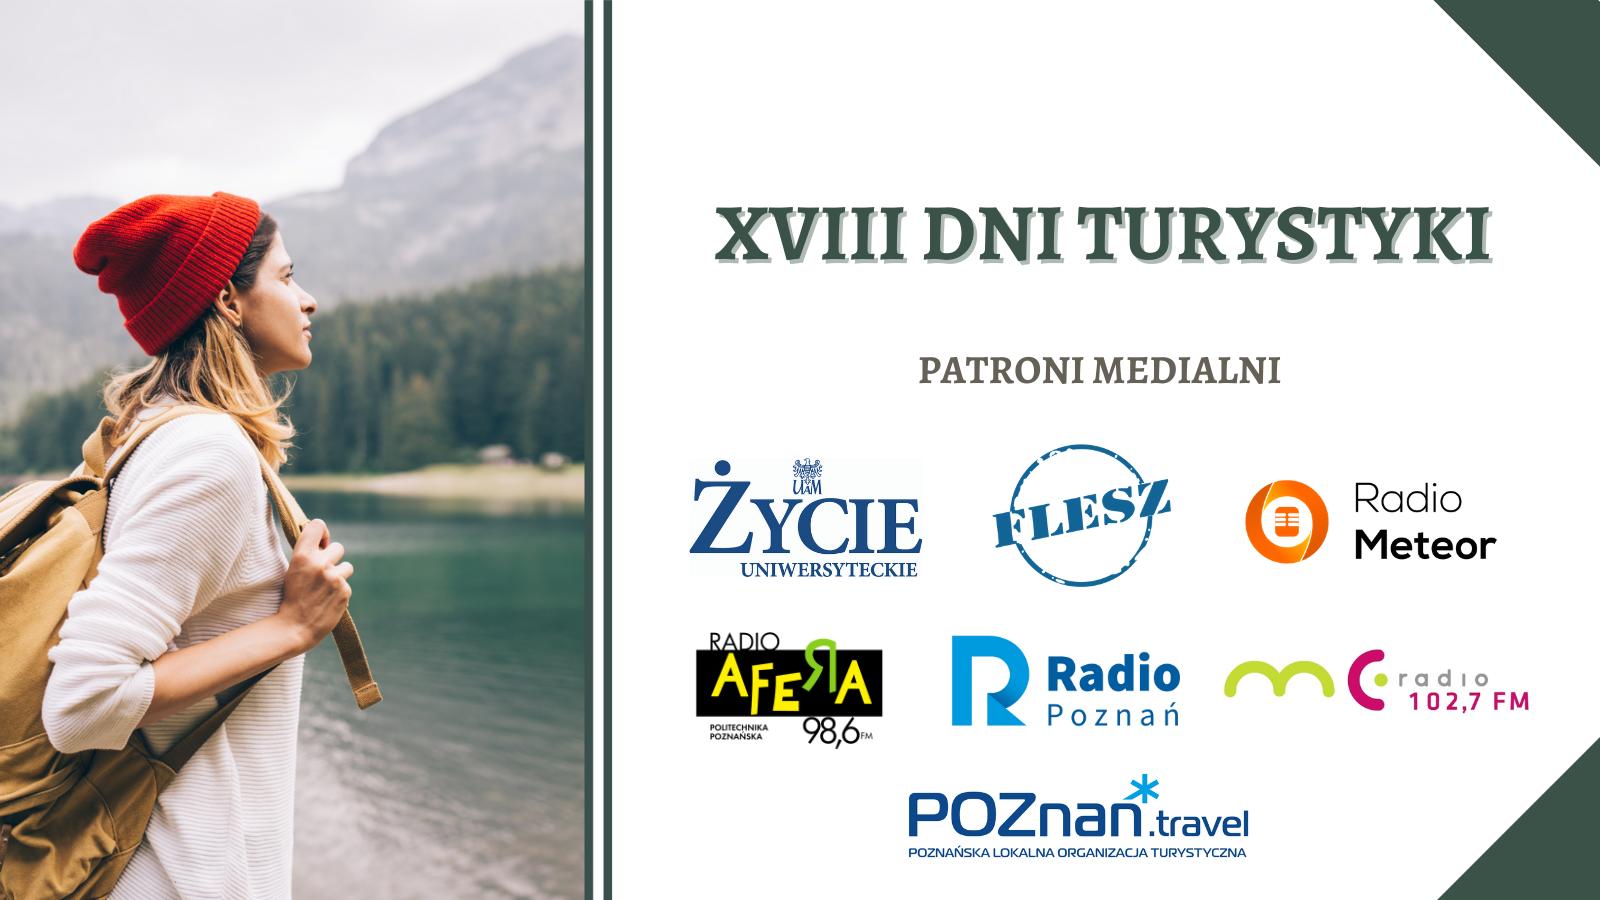 XVIII Dni Turystyki - Organizator